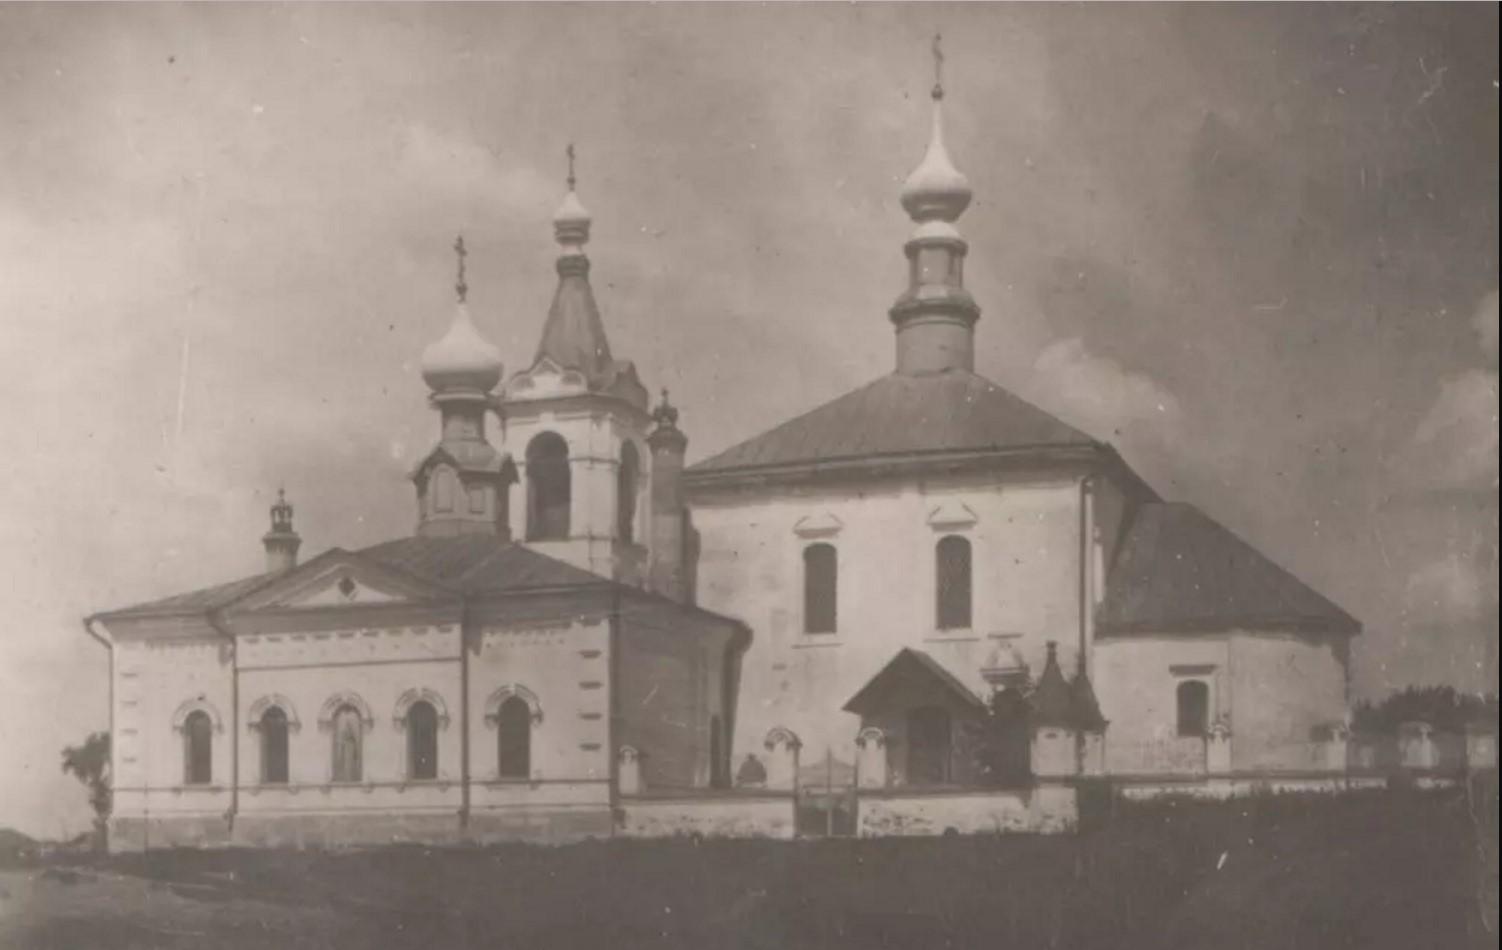 Похвалынская церковь с колокольней и Варваринская церковь